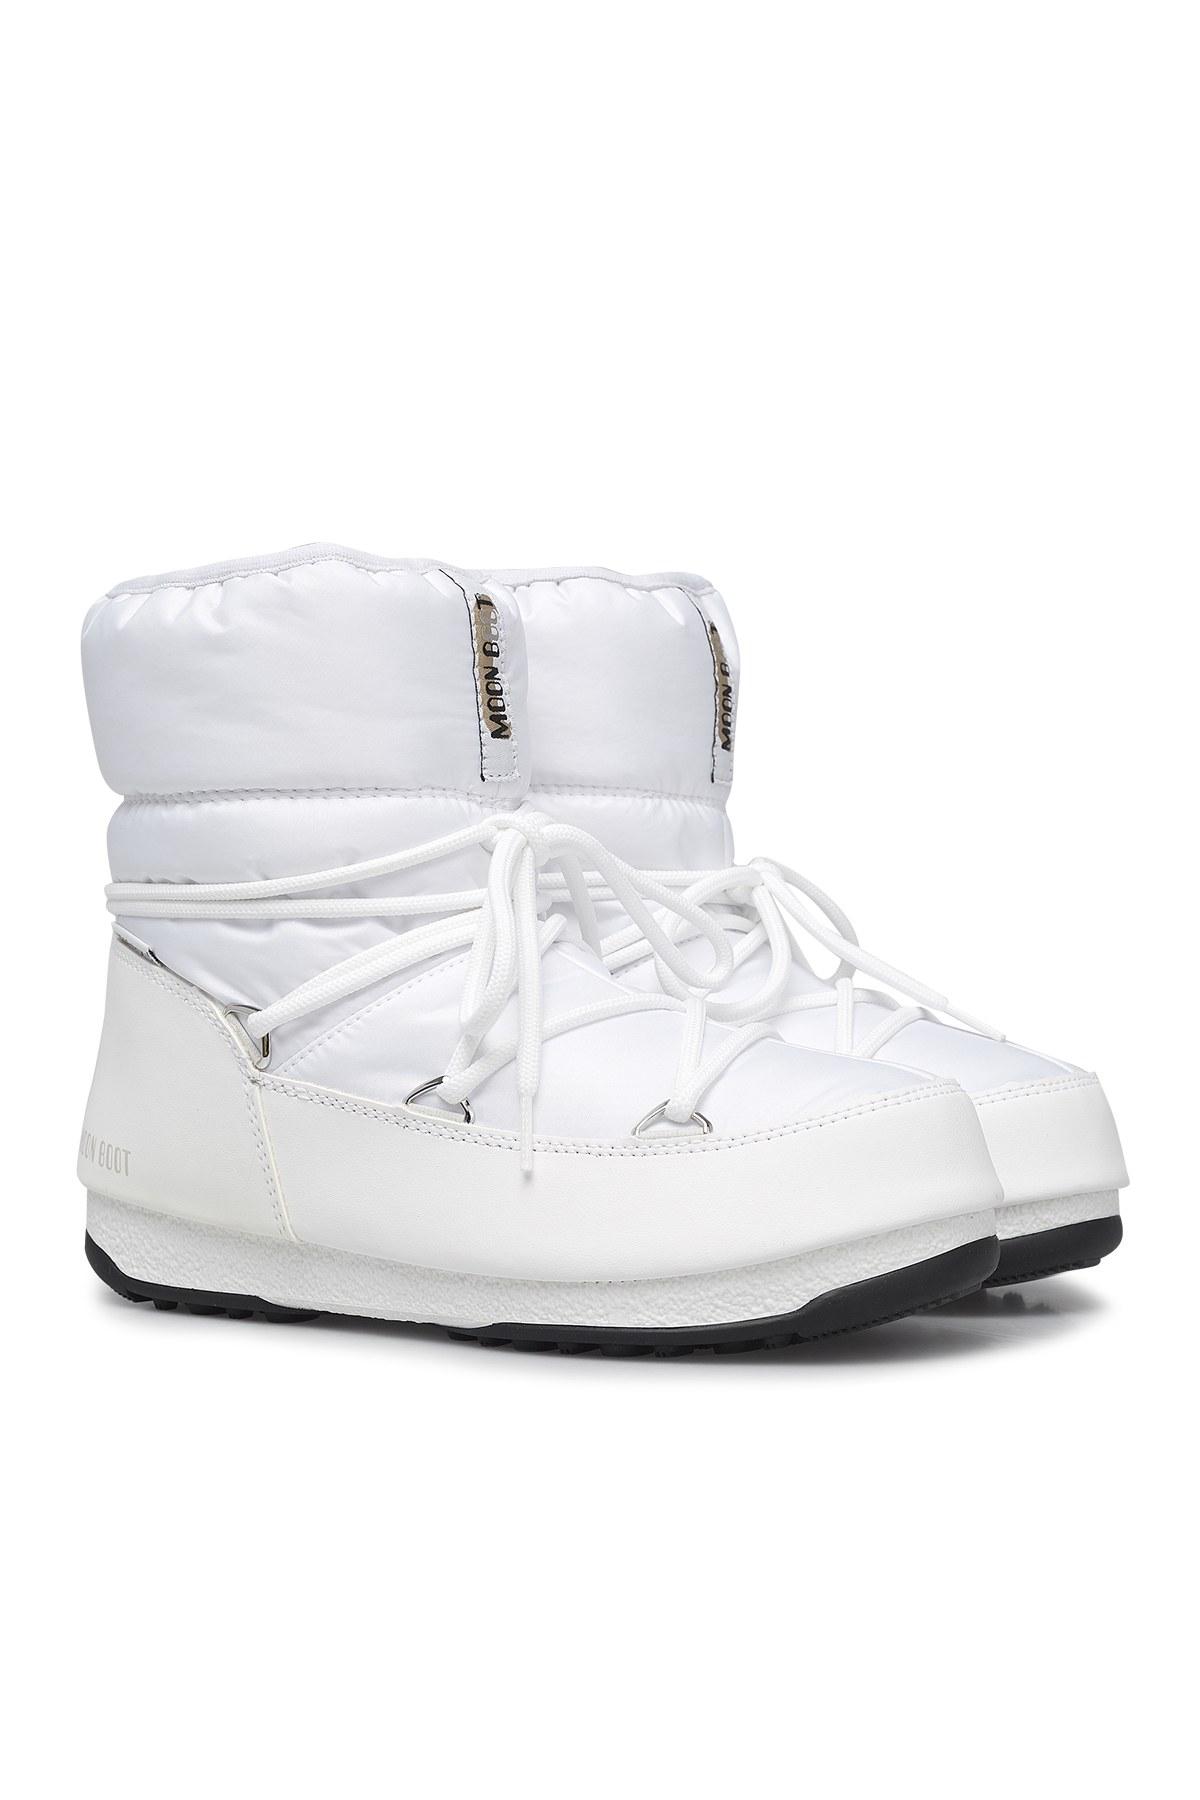 Moon Boot Bayan Kar Botu 24009300 002 BEYAZ